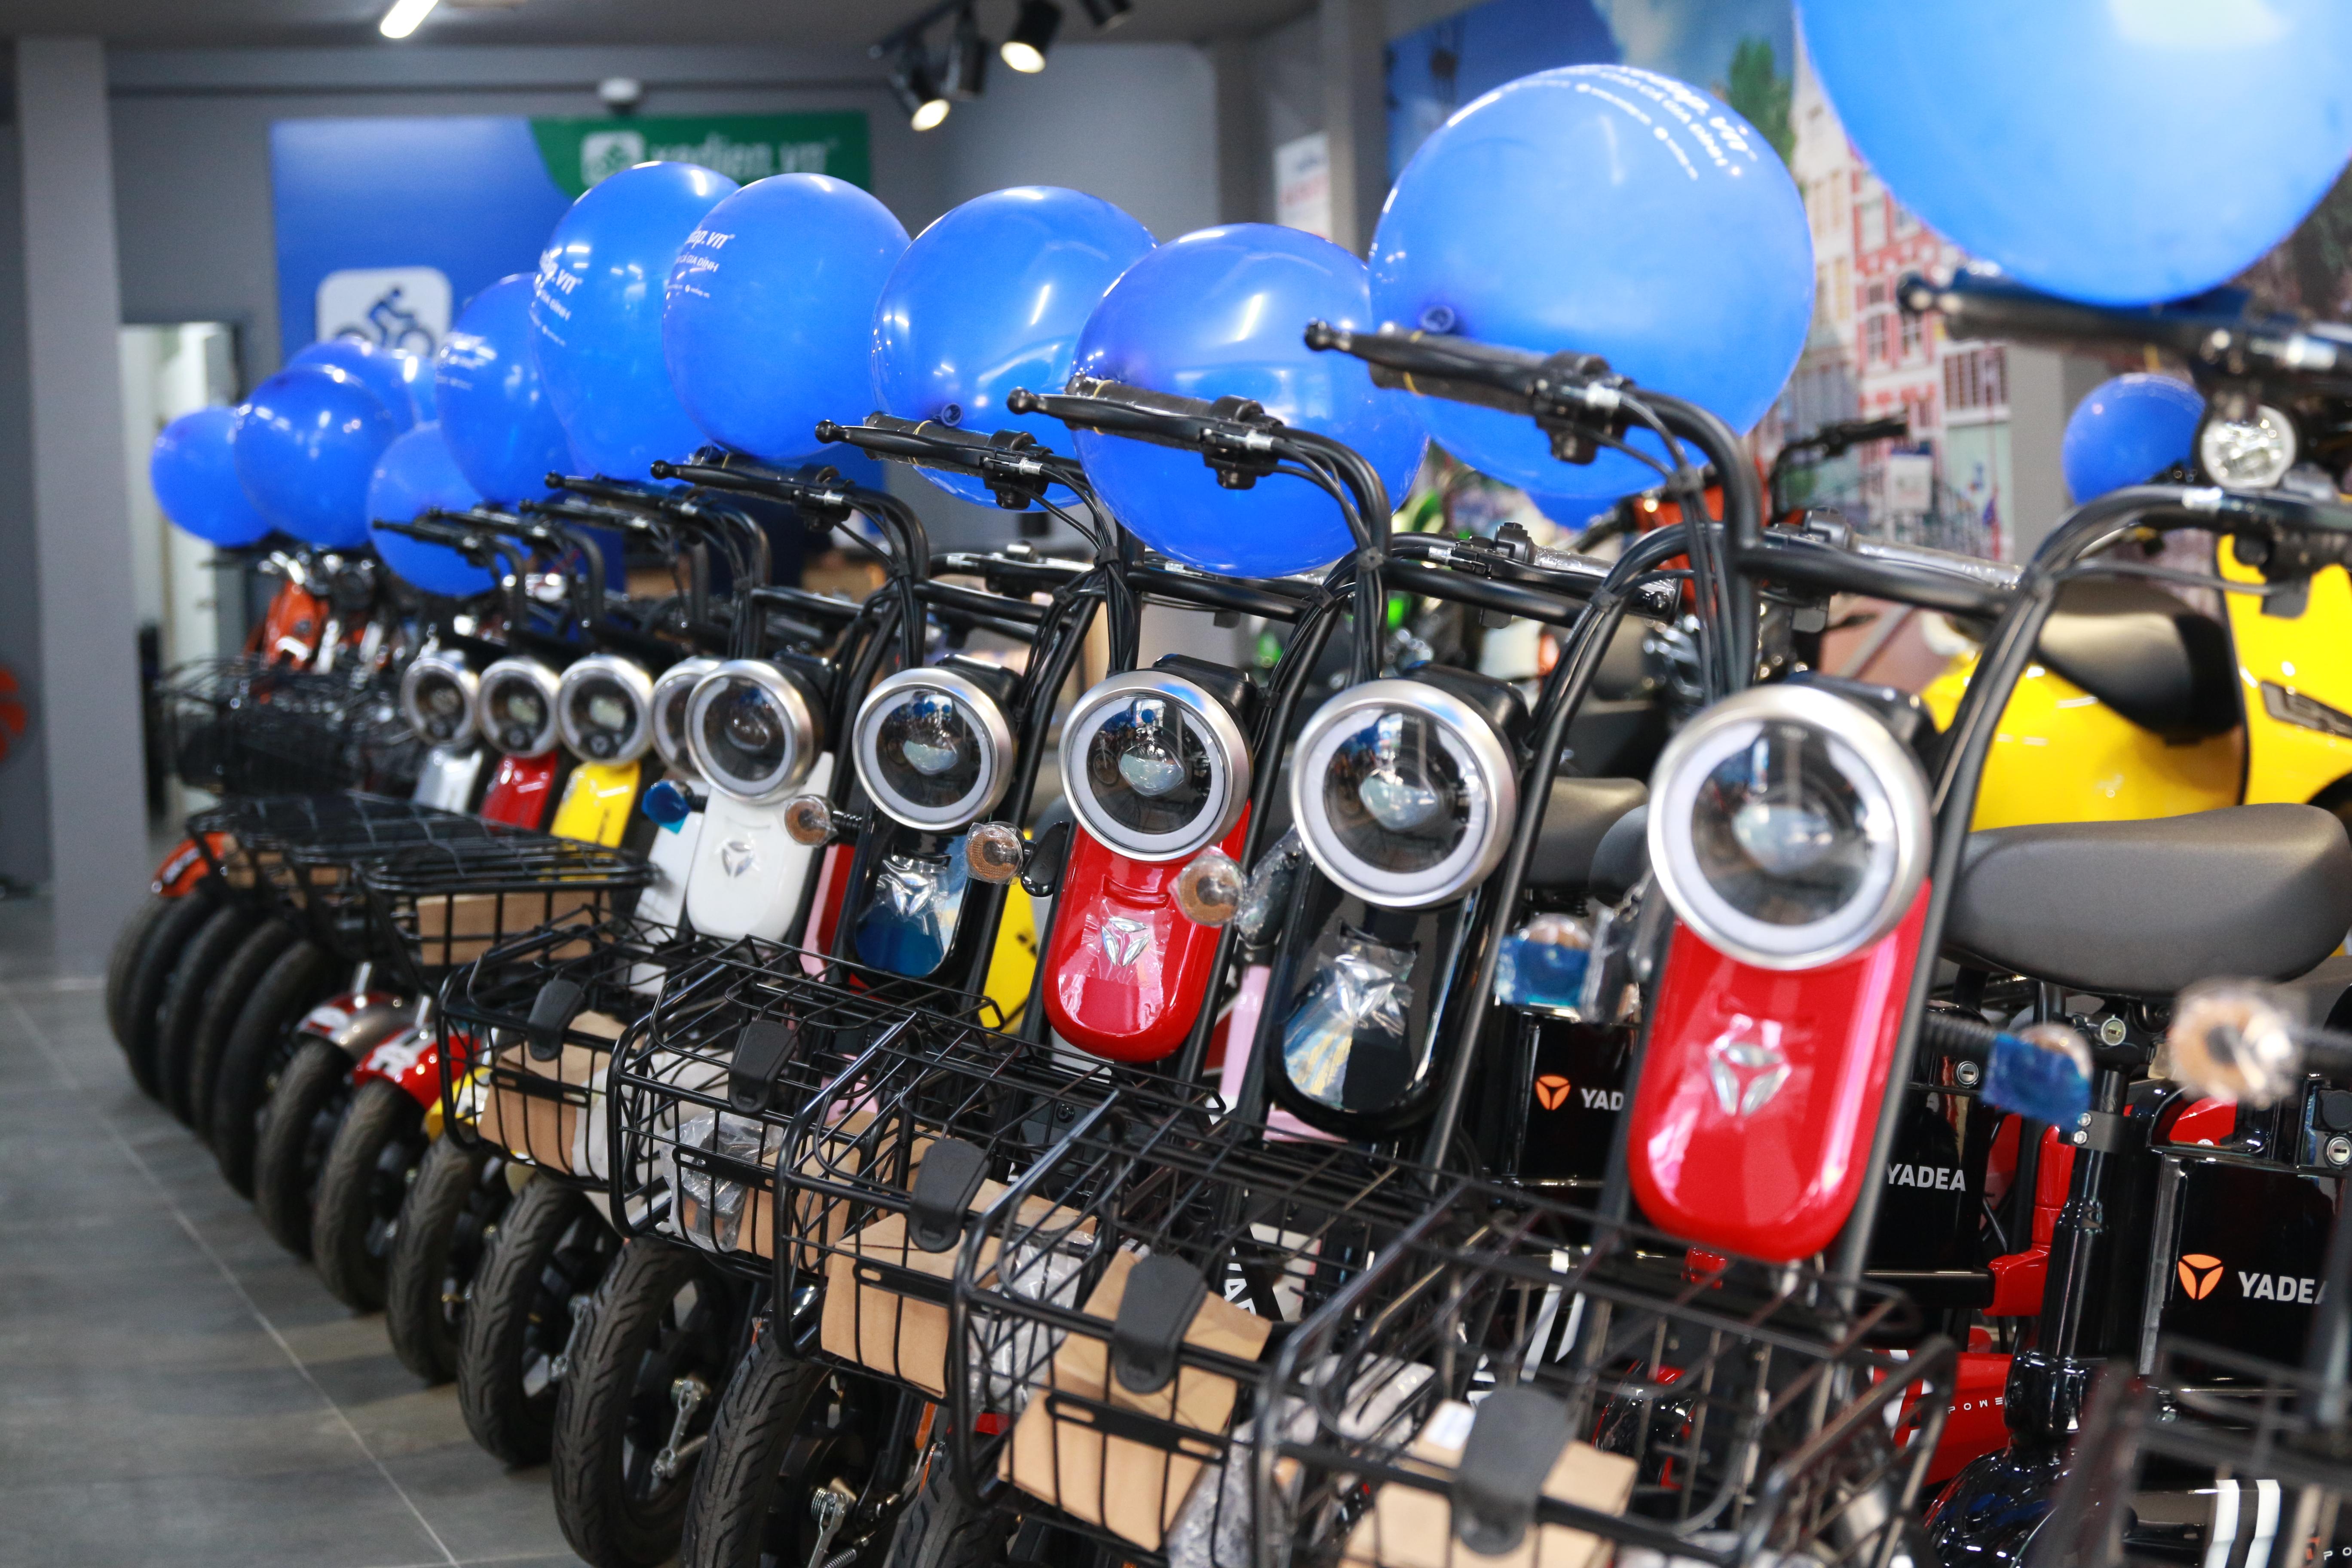 Khu vực trưng bày xe đạp điện với đa dạng mẫu mã và thương hiệu